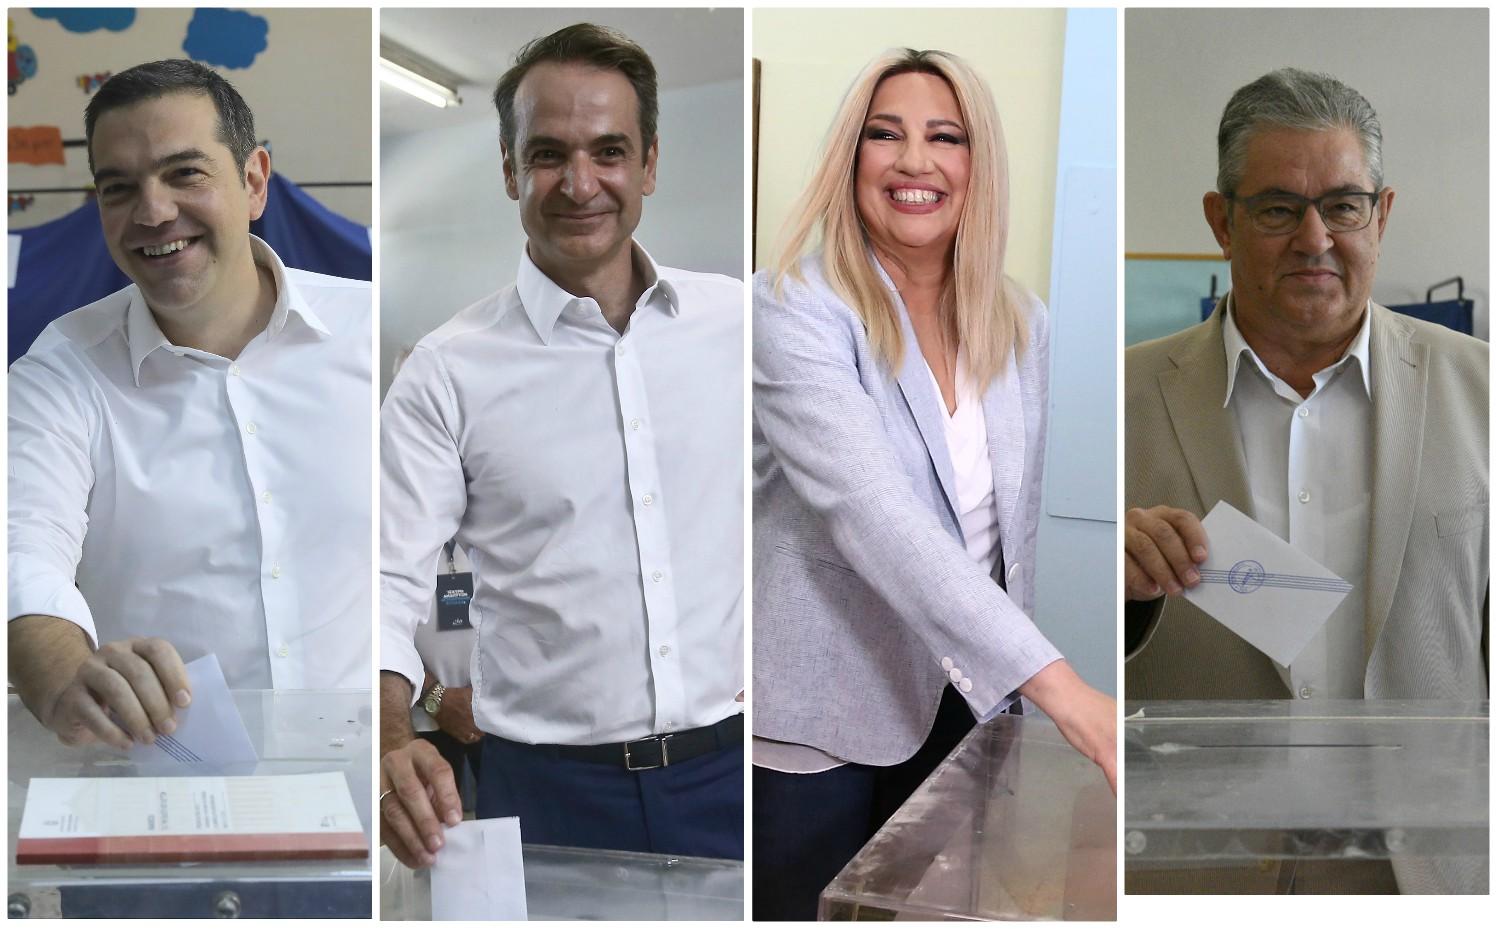 Ψήφισε στην Κυψέλη ο Αλέξης Τσίπρας - Στο Περιστέρι ο Κυριάκος Μητσοτάκης - Λεπτό προς λεπτό τα όσα συμβαίνουν στην εκλογική διαδικασία